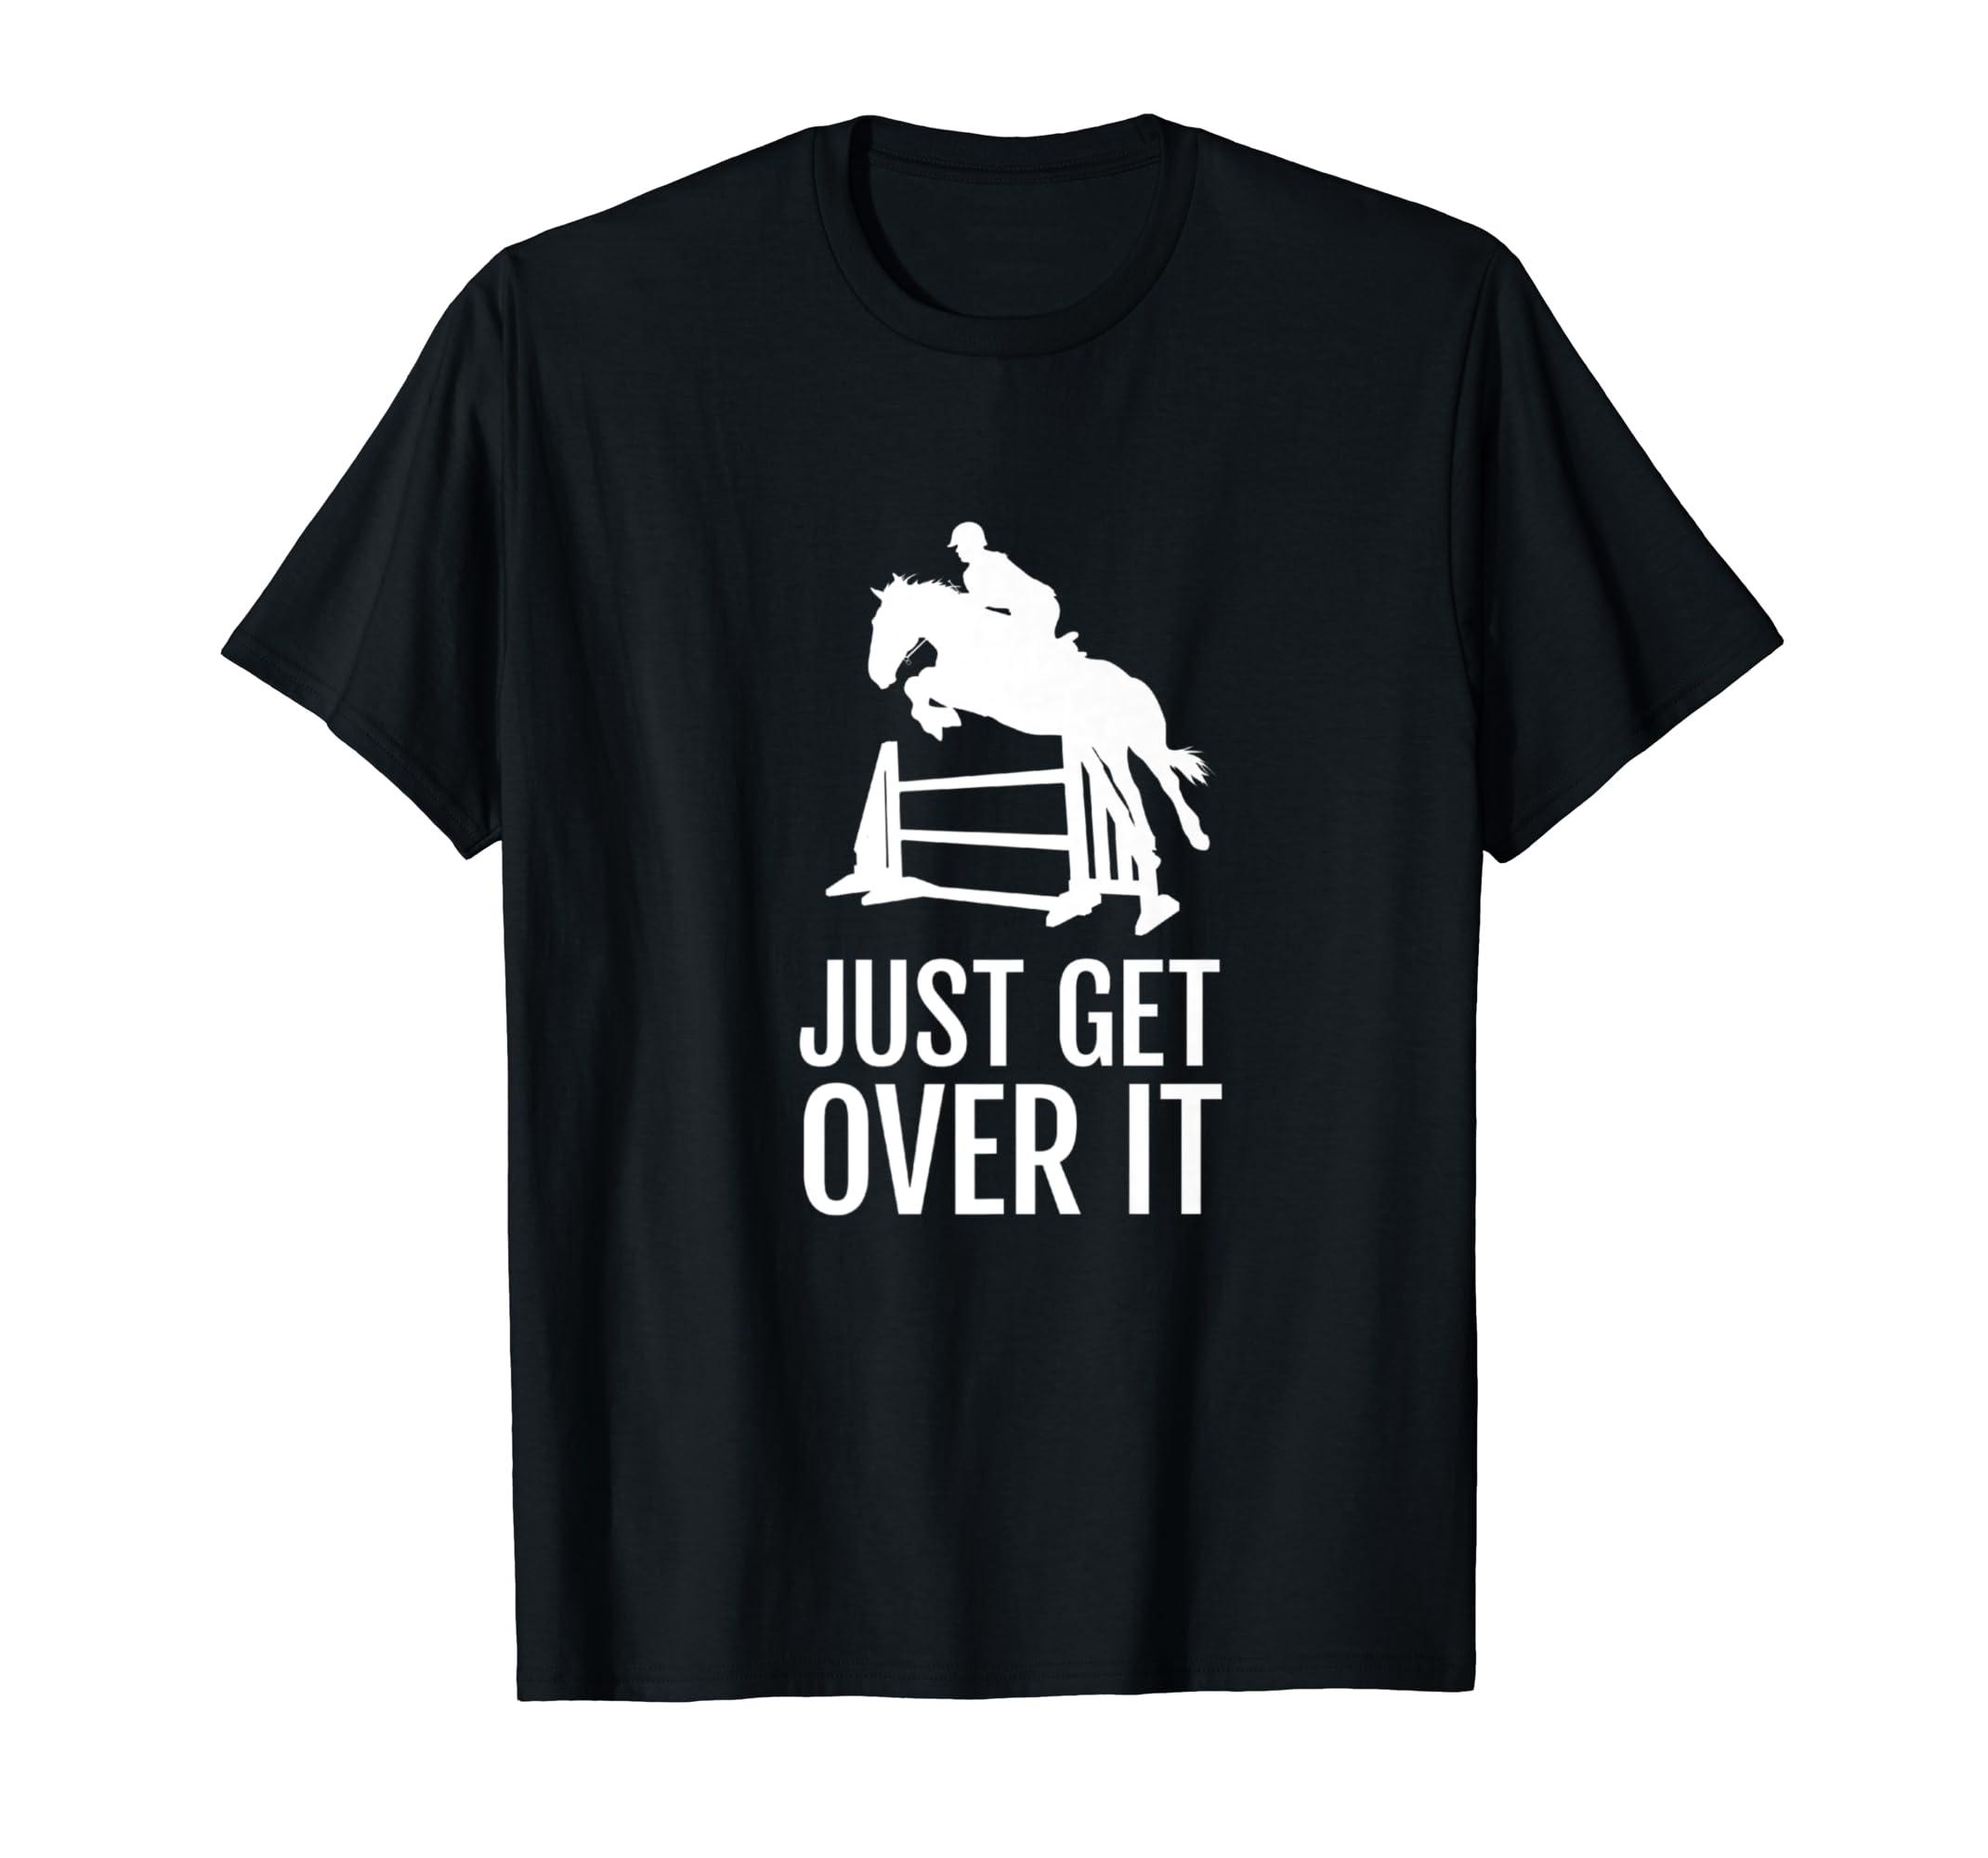 Horse Horseback Riding Jump Jumping Show Shirt Get Over It-Men's T-Shirt-Black